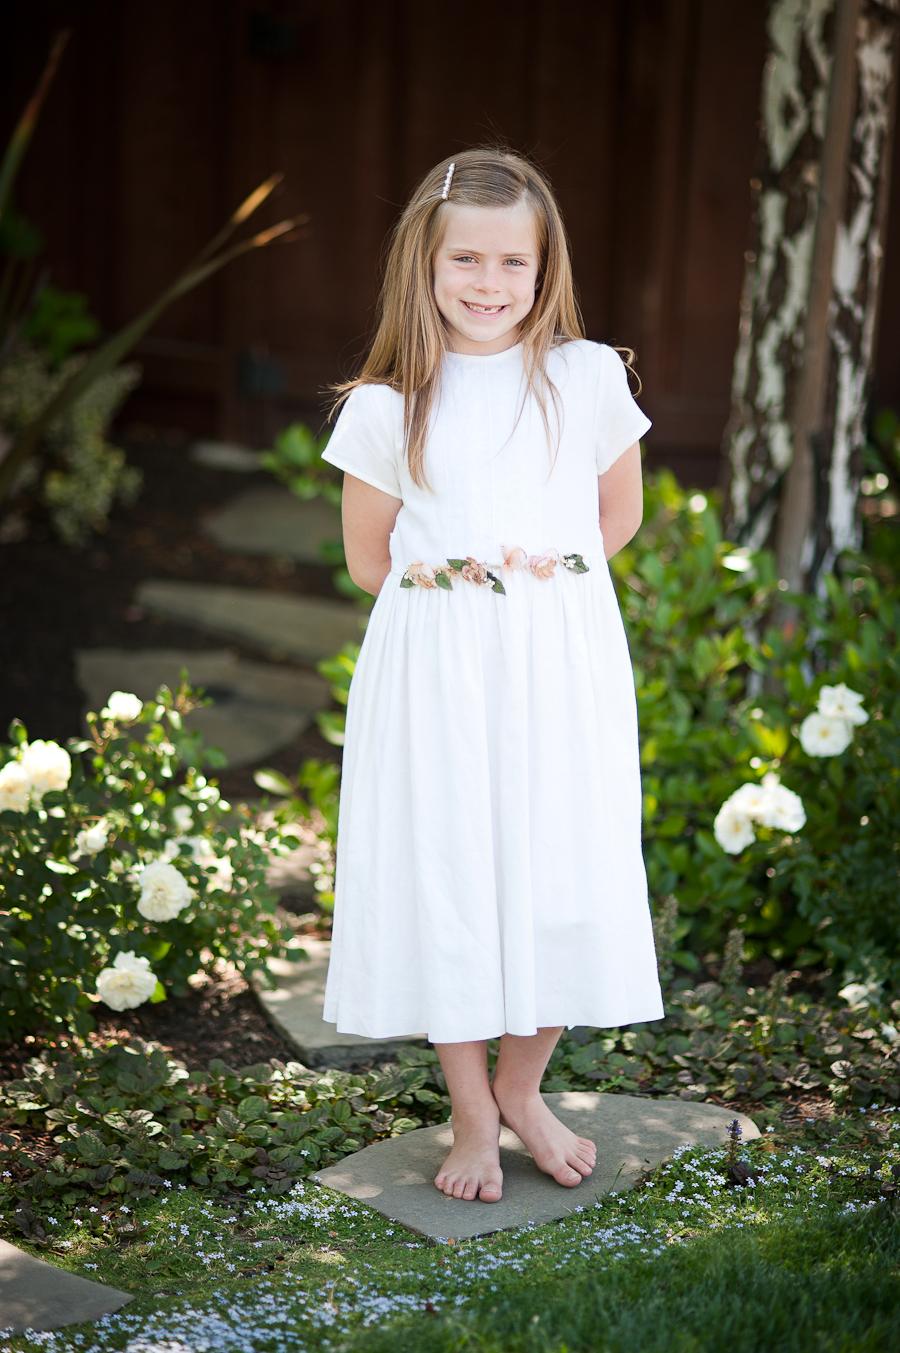 Bay Area Baptism Portrait Photographer